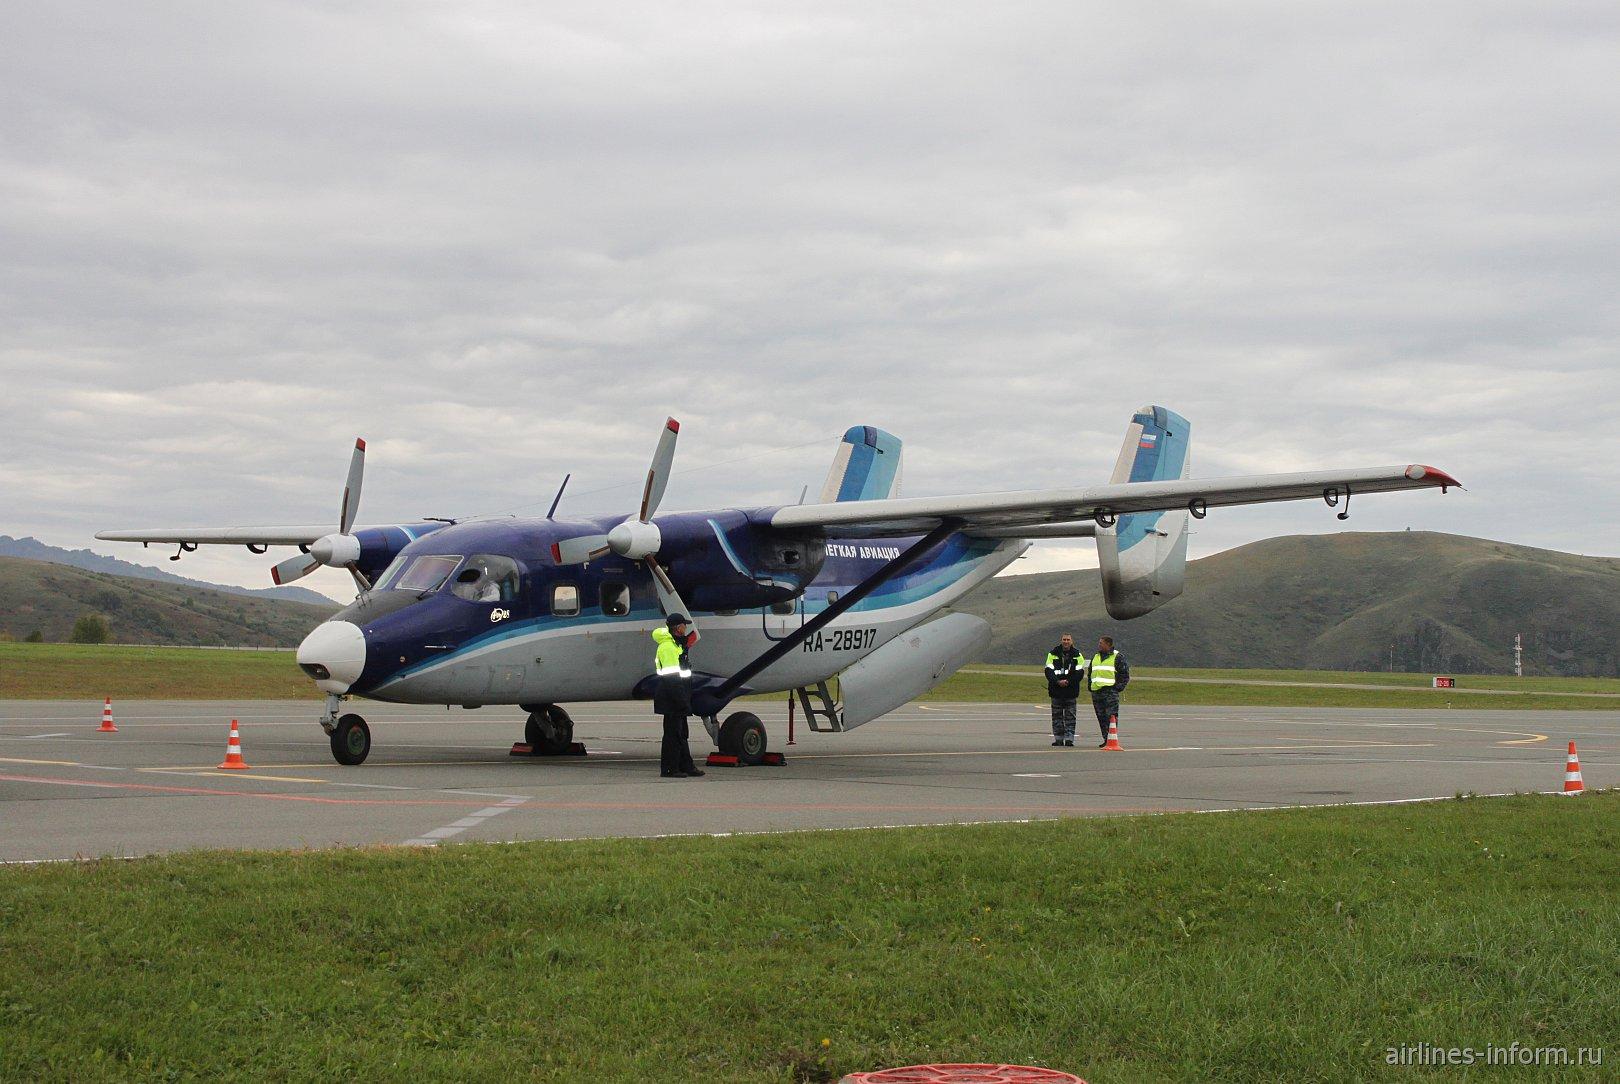 Самолет Ан-28 RA-28917 авиакомпании СиЛА в аэропорту Горно-Алтайска